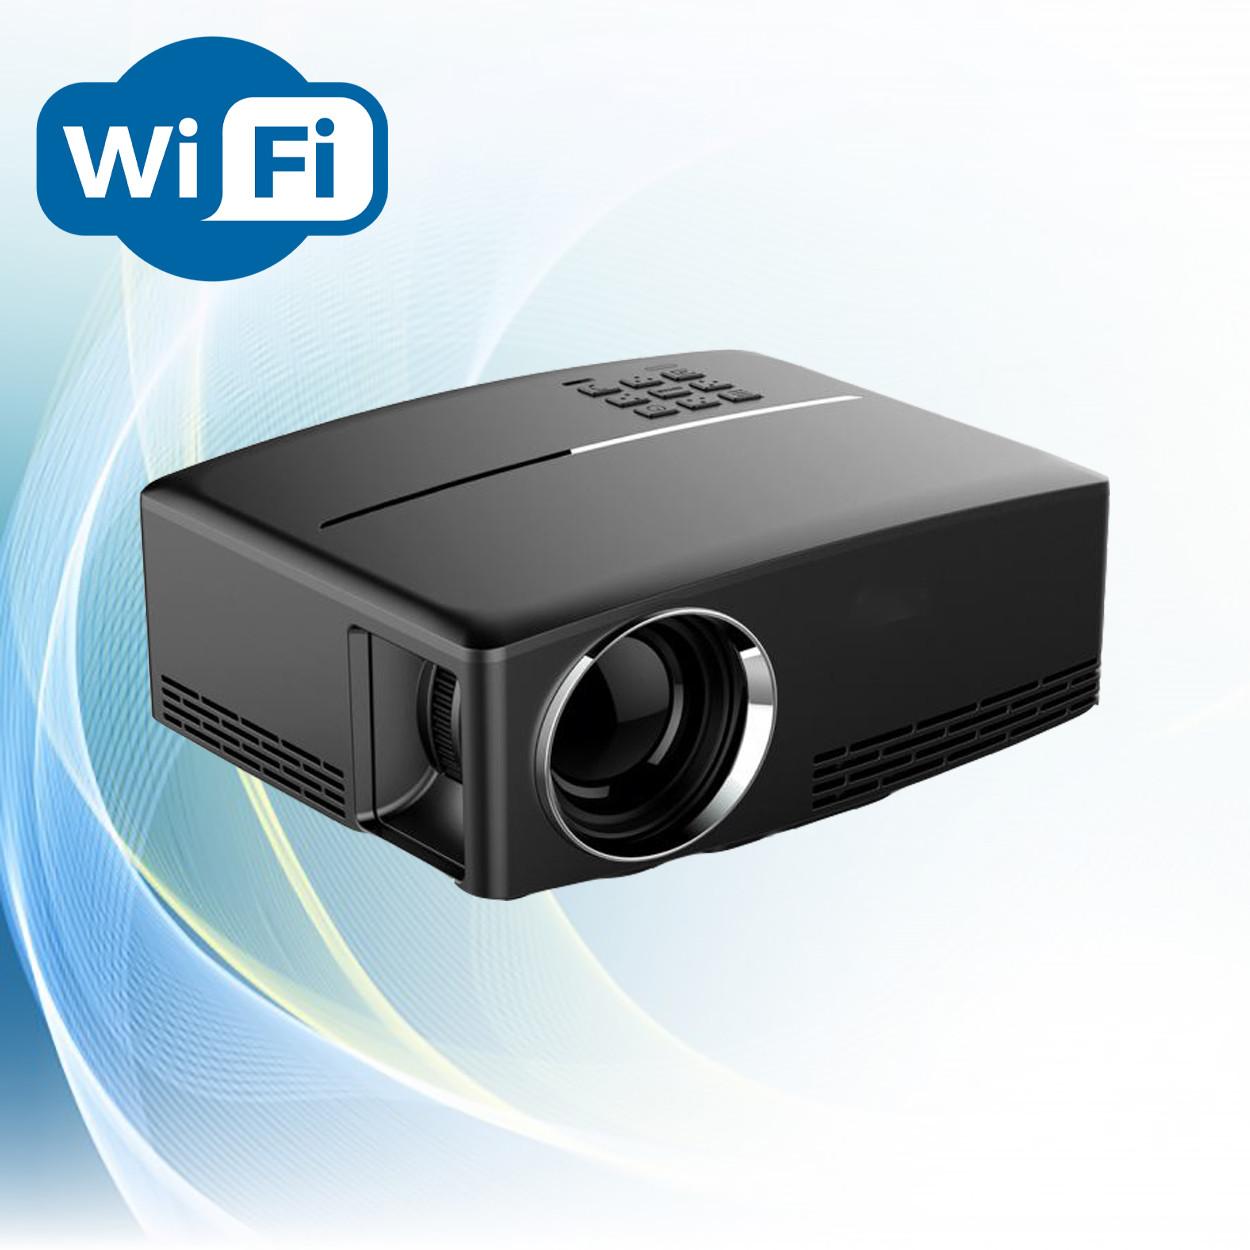 Проектор мультимедийный Wi-light GP80 Wi-Fi проектор портативный Проектор для дома Оригинал